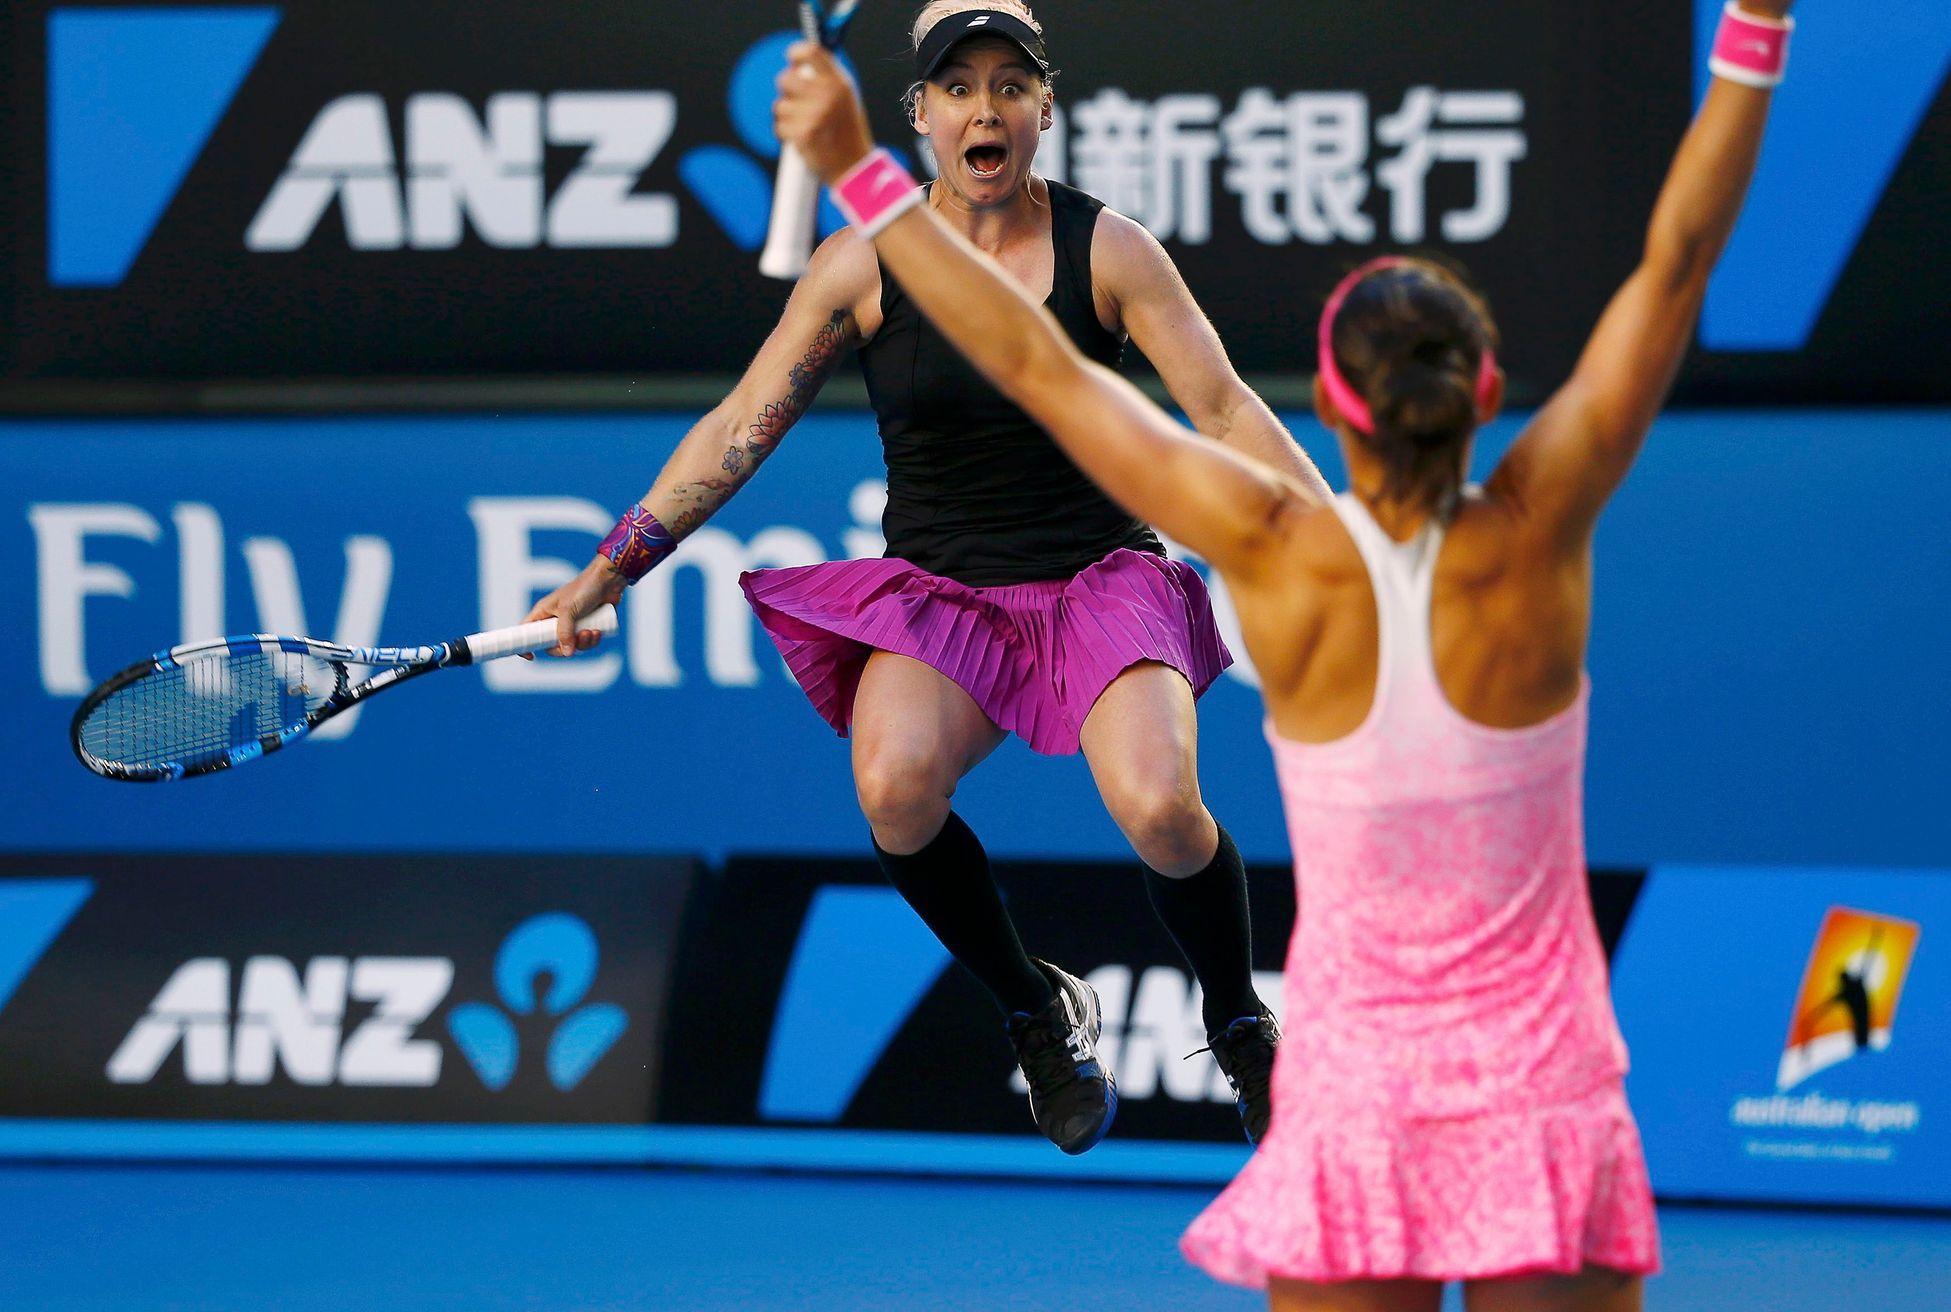 Šafářová s Mattekovou-Sandsovou si poradily s Ruskami a postoupily do  finále US Open - Aktuálně.cz d8e3582081